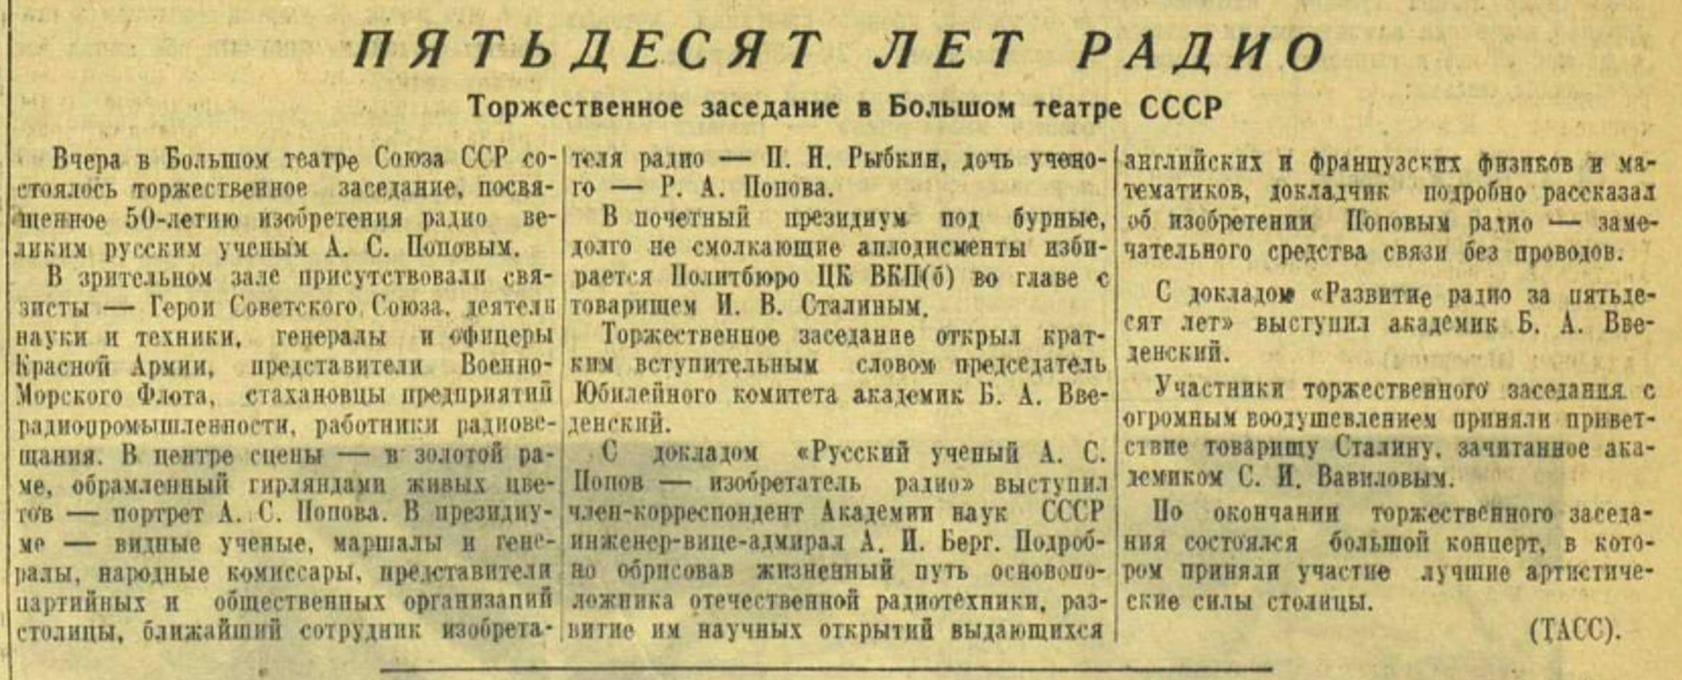 Пятьдесят лет радио. Торжественное заседание в Большом театре СССР (Газета «Красная Звезда» от 08 мая 1945 года)